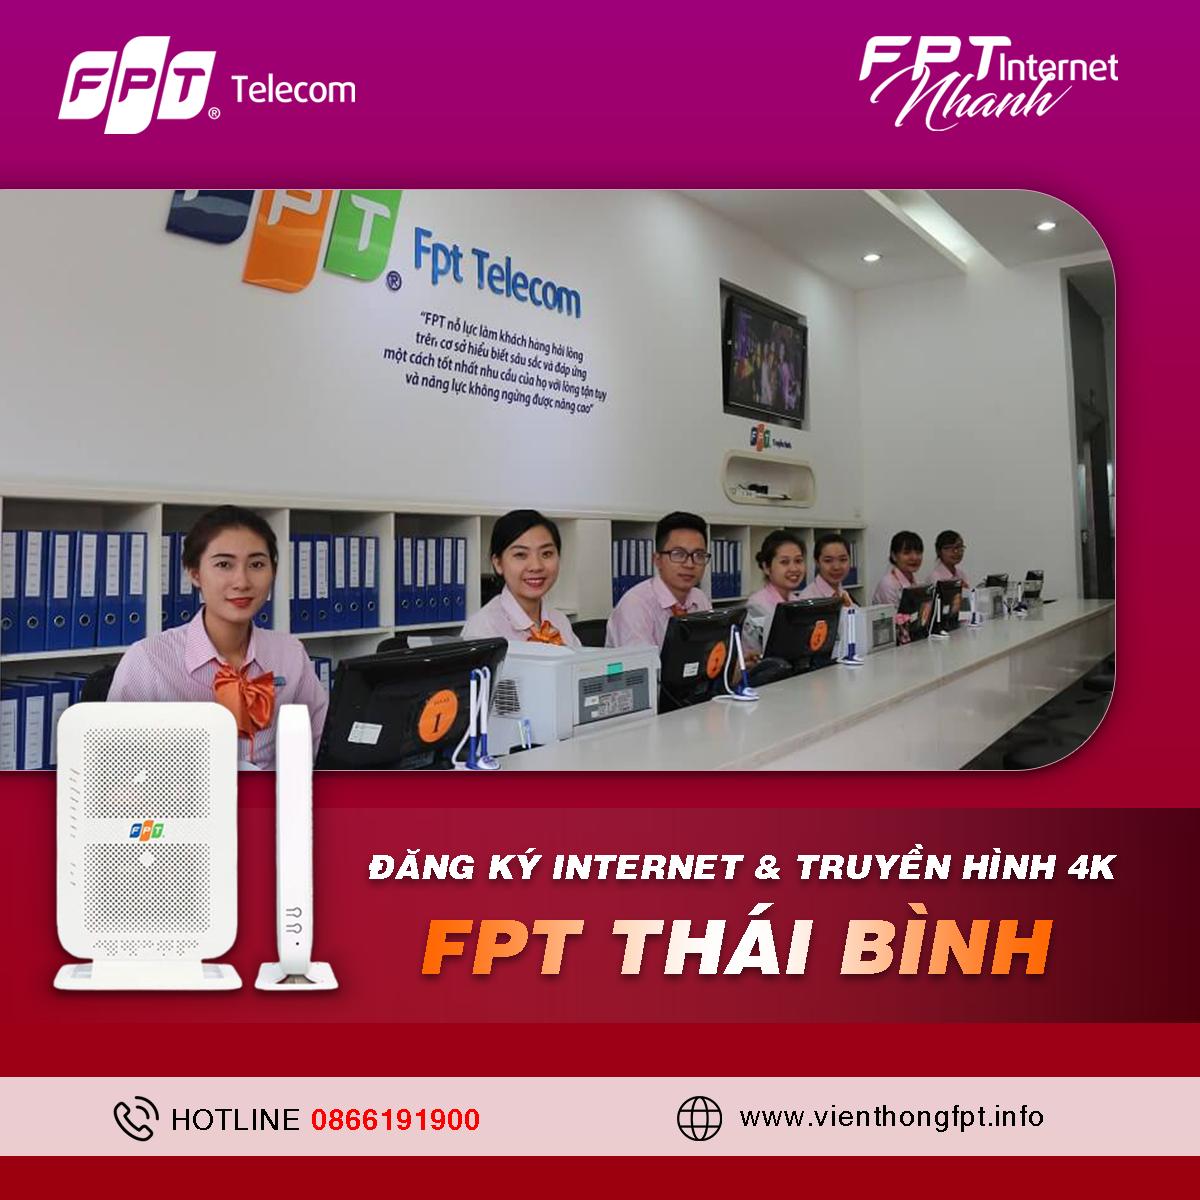 Tổng đài Đăng ký Internet FPT Thái Bình